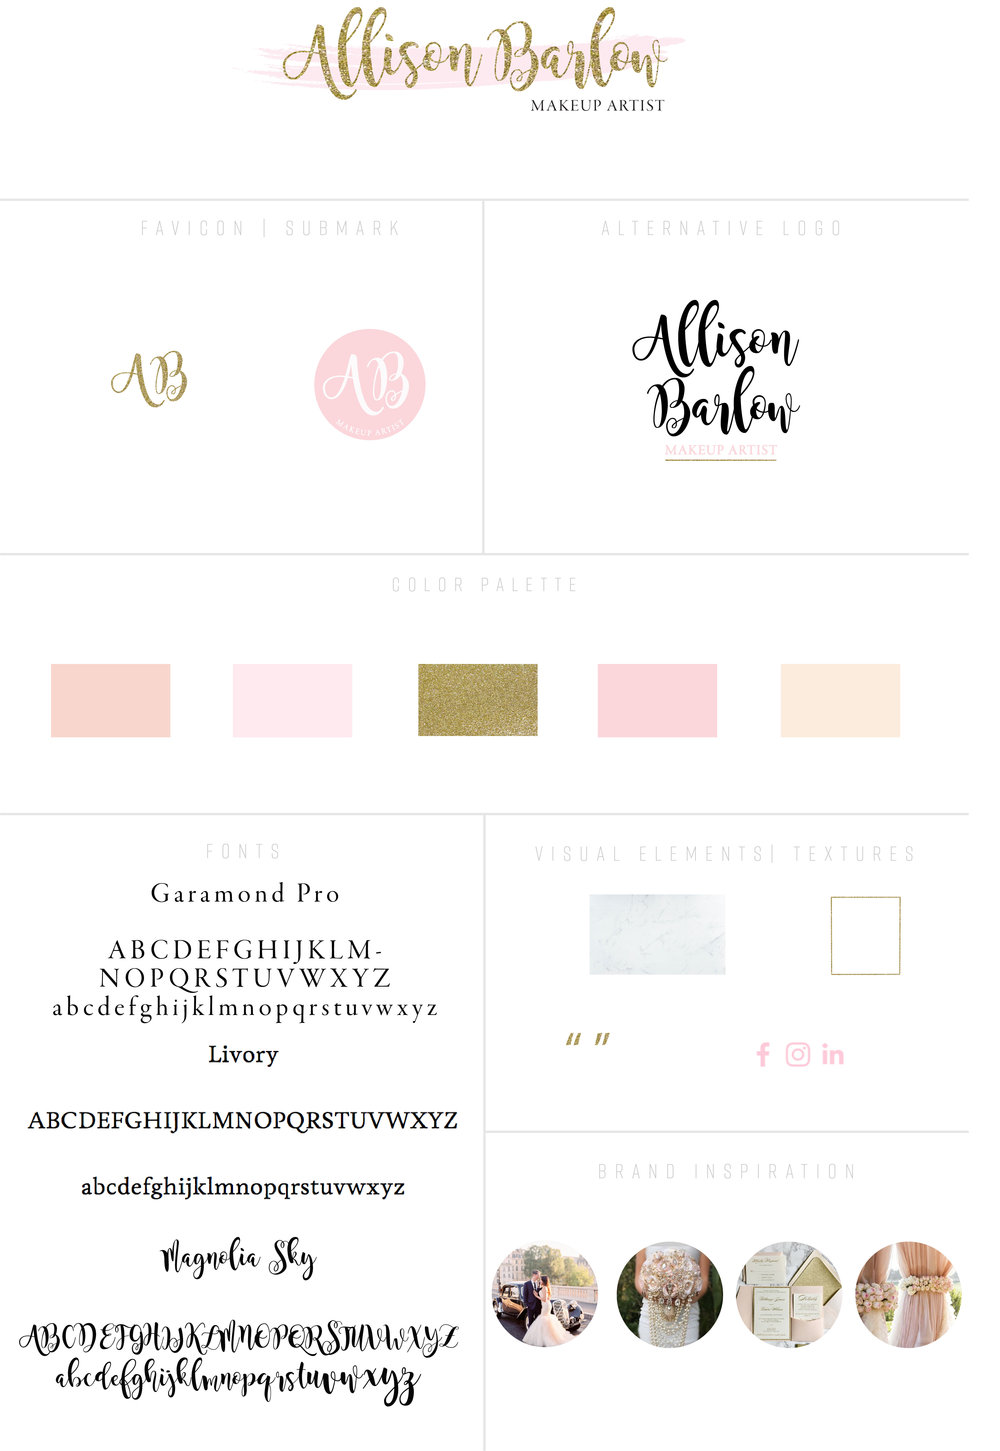 Branding Style Board- Allison Barlow